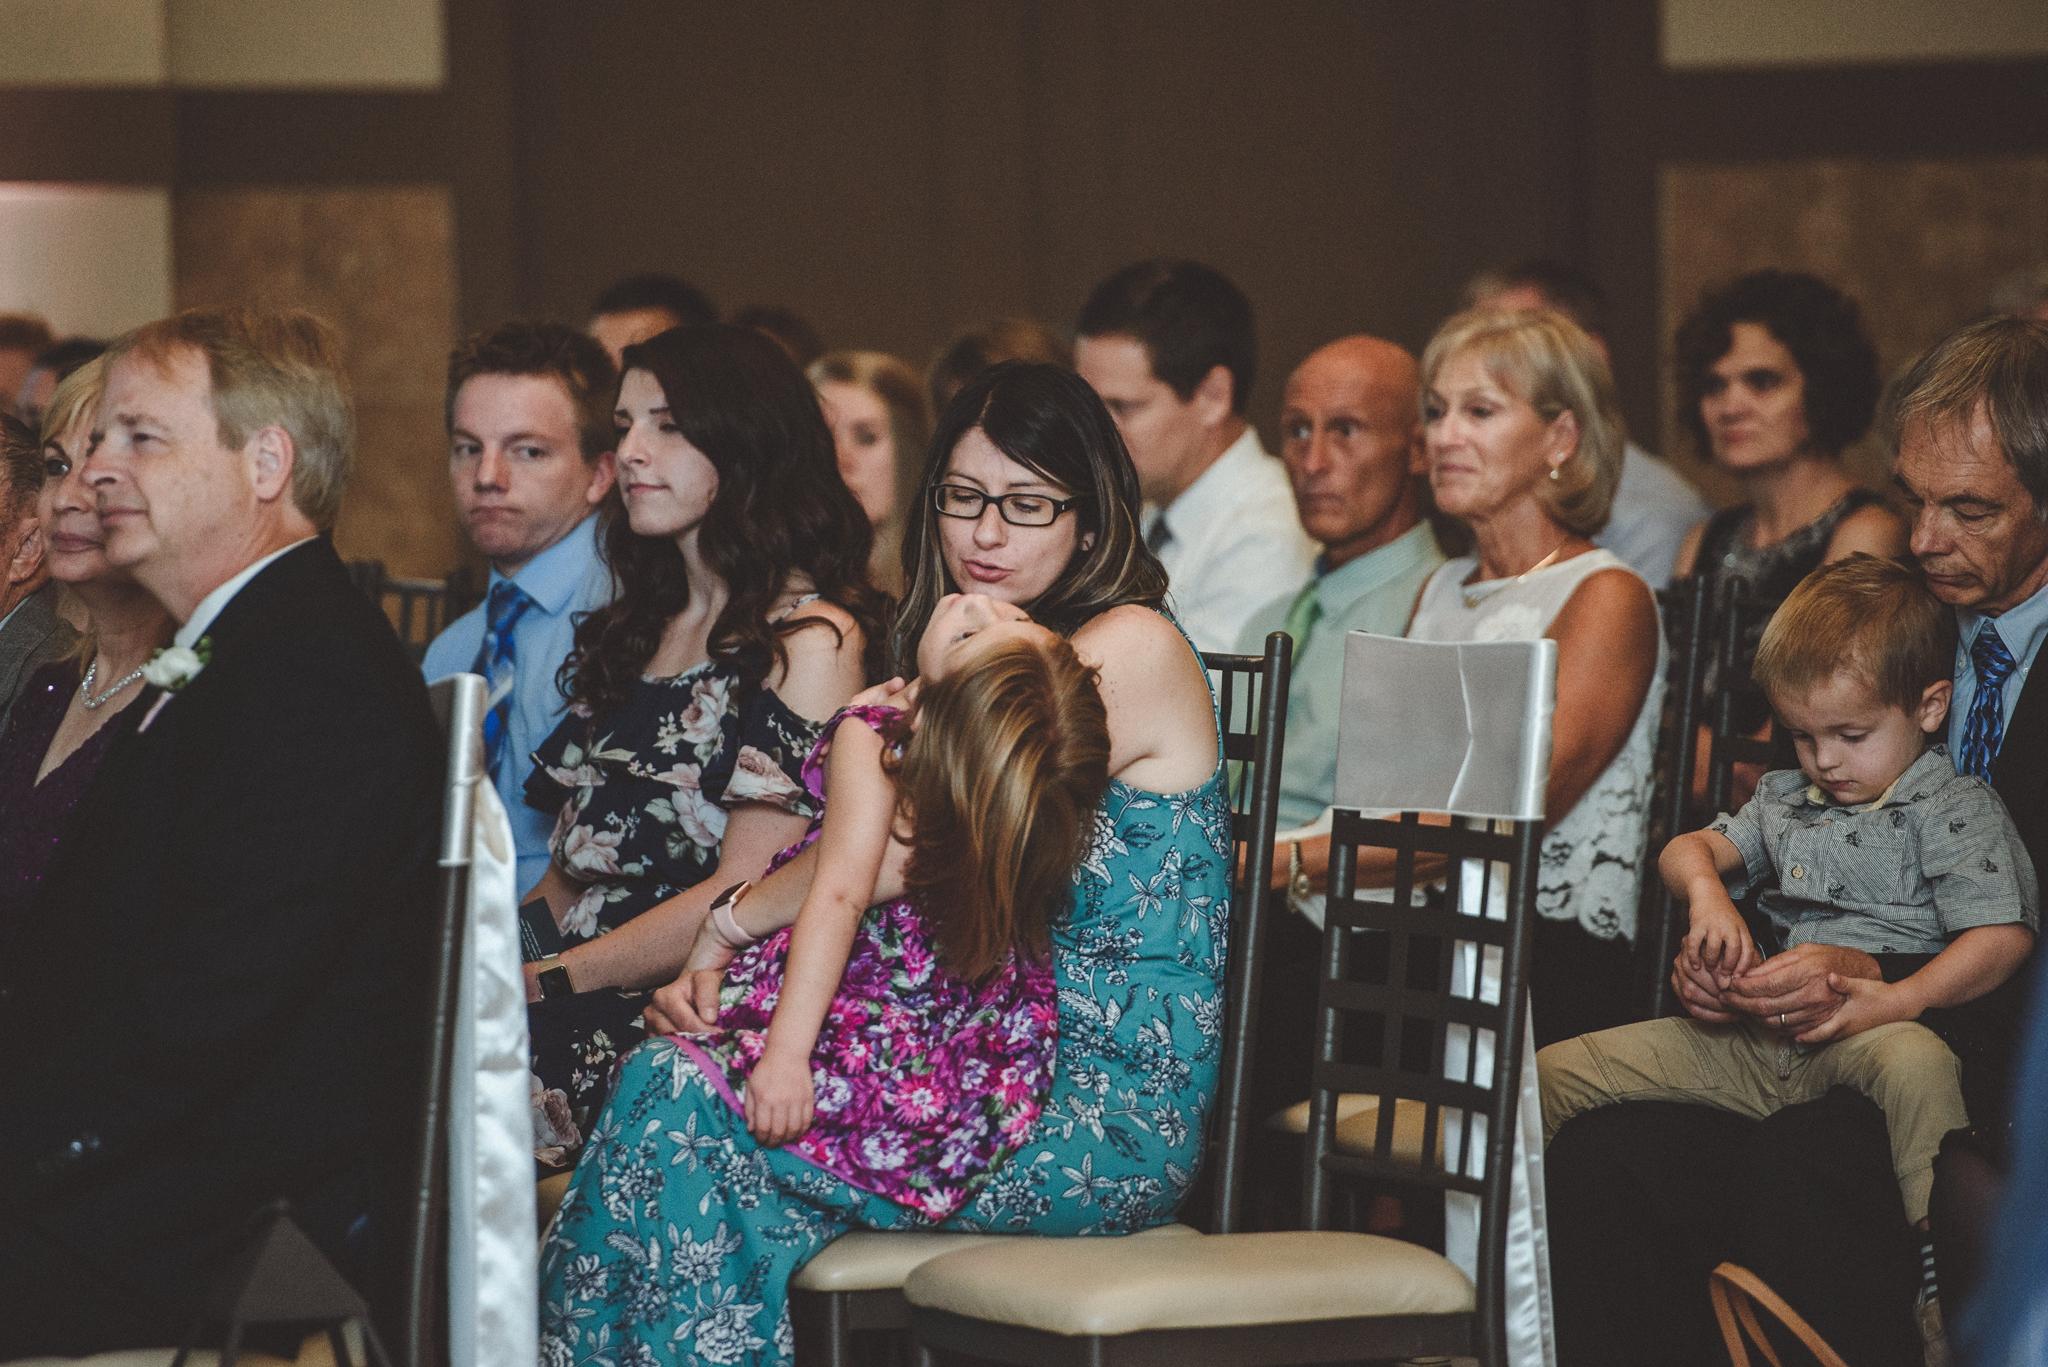 noahs_event_venue_naperville_IL_wedding_photographer_0050.jpg